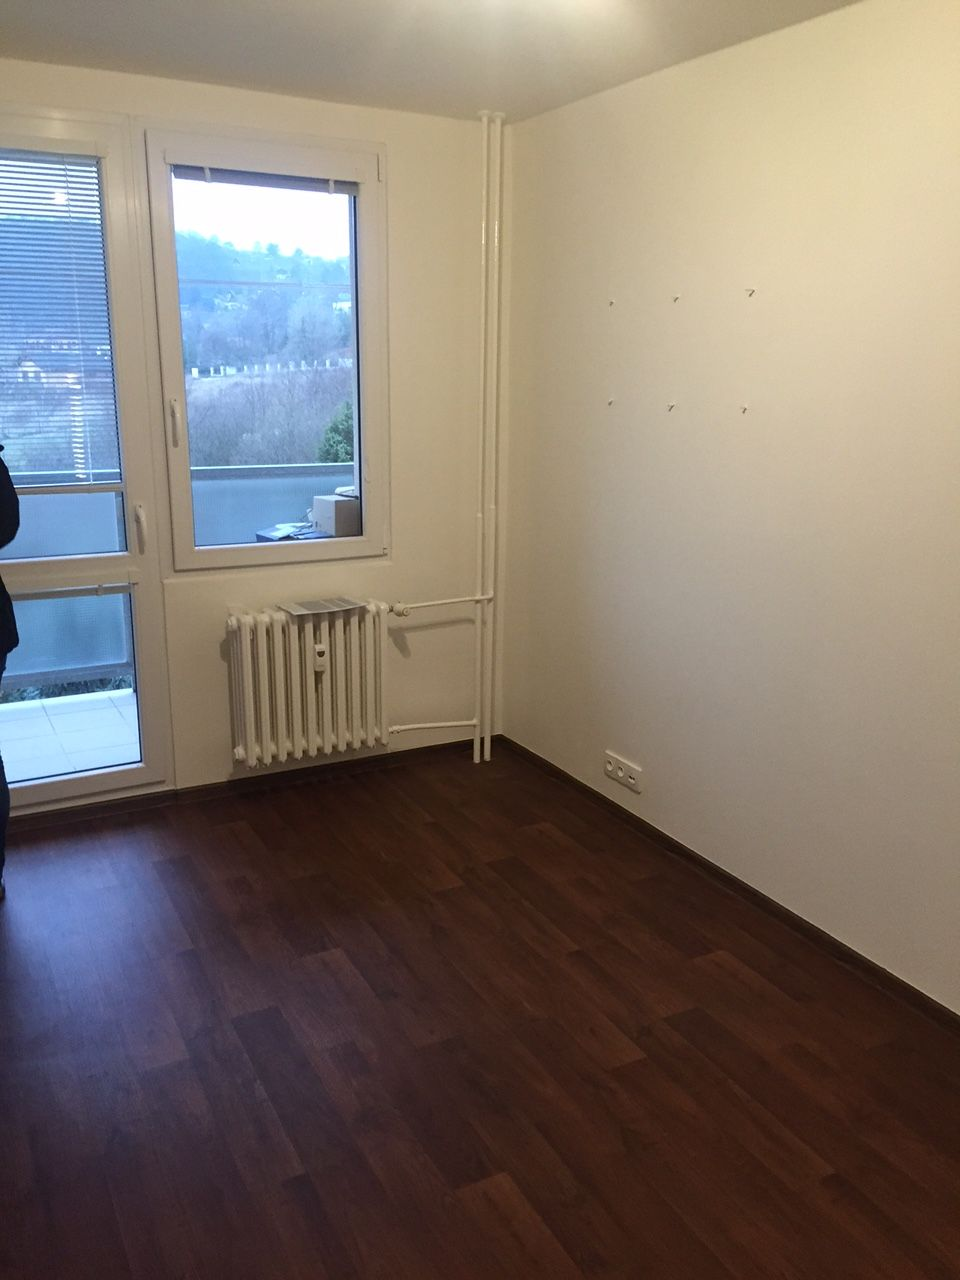 Rekonstrukce panelového bytu Libčice 2017 4